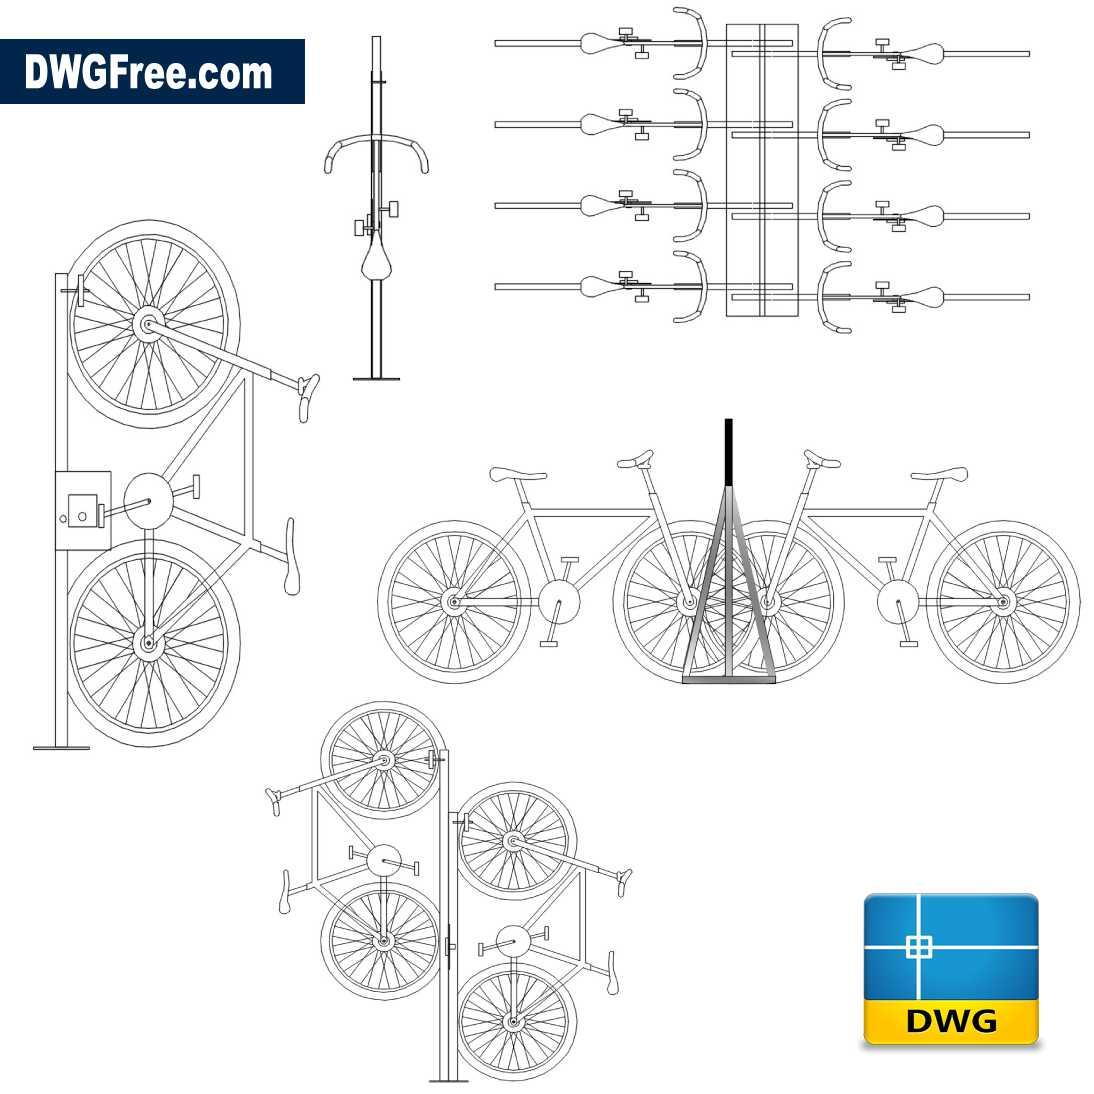 Full Urban Bicycle Dwg Drawing